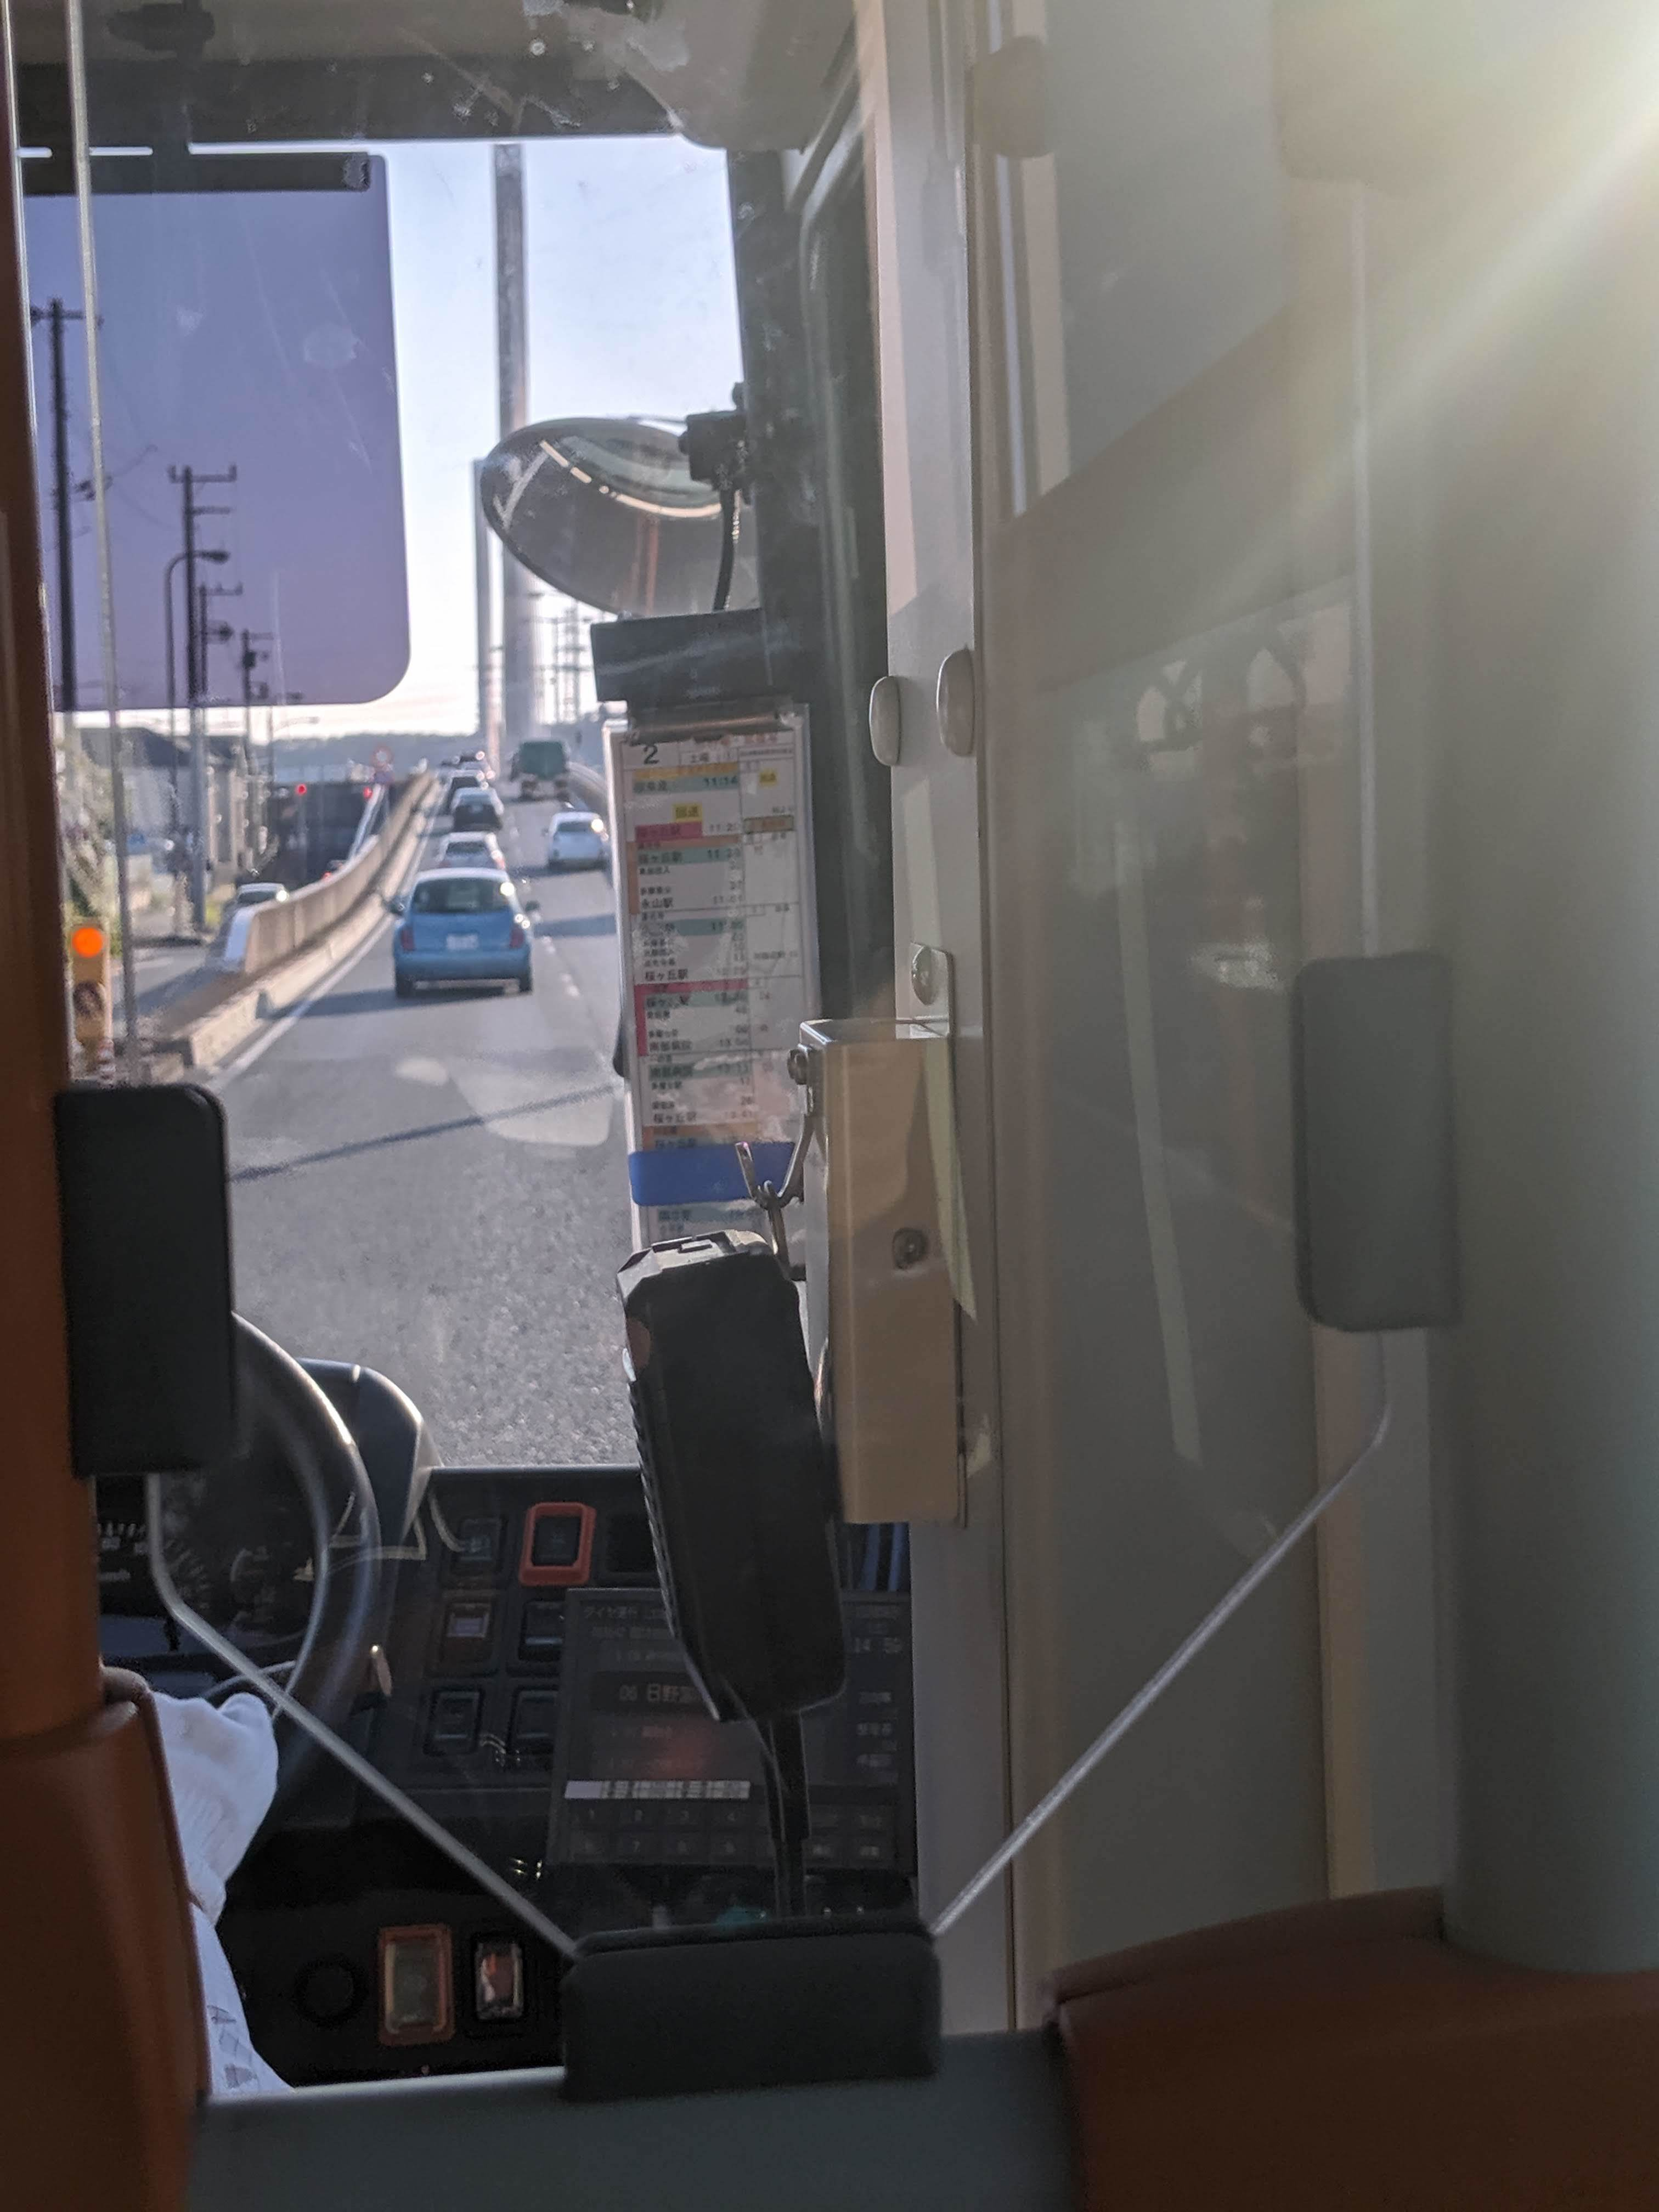 1109京王バス一日乗車券の旅ー【後編】_a0329563_23030786.jpg